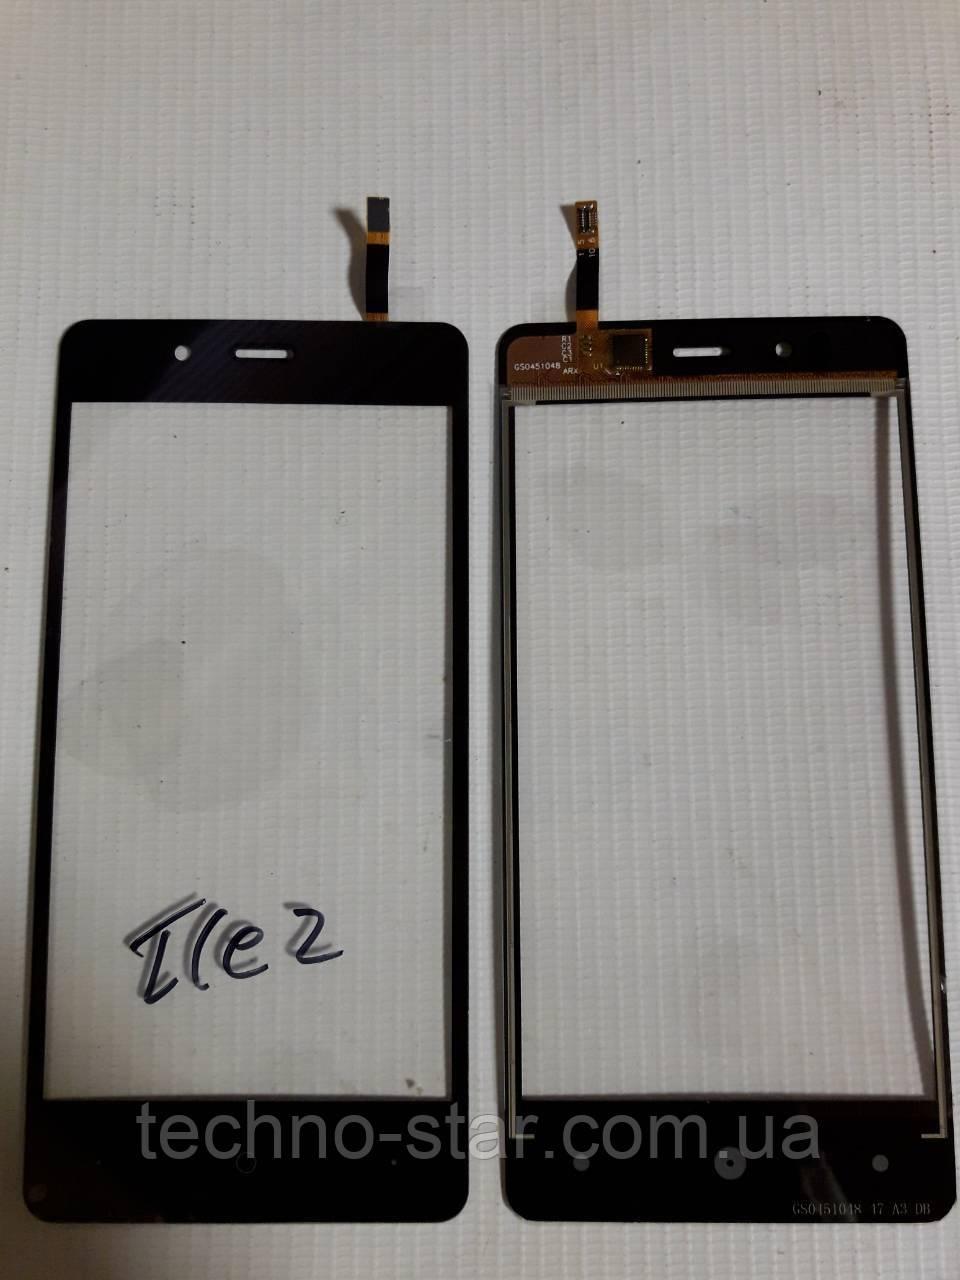 Оригинальный тачскрин / сенсор (сенсорное стекло) для Highscreen Ice 2 (черный цвет) + СКОТЧ В ПОДАРОК